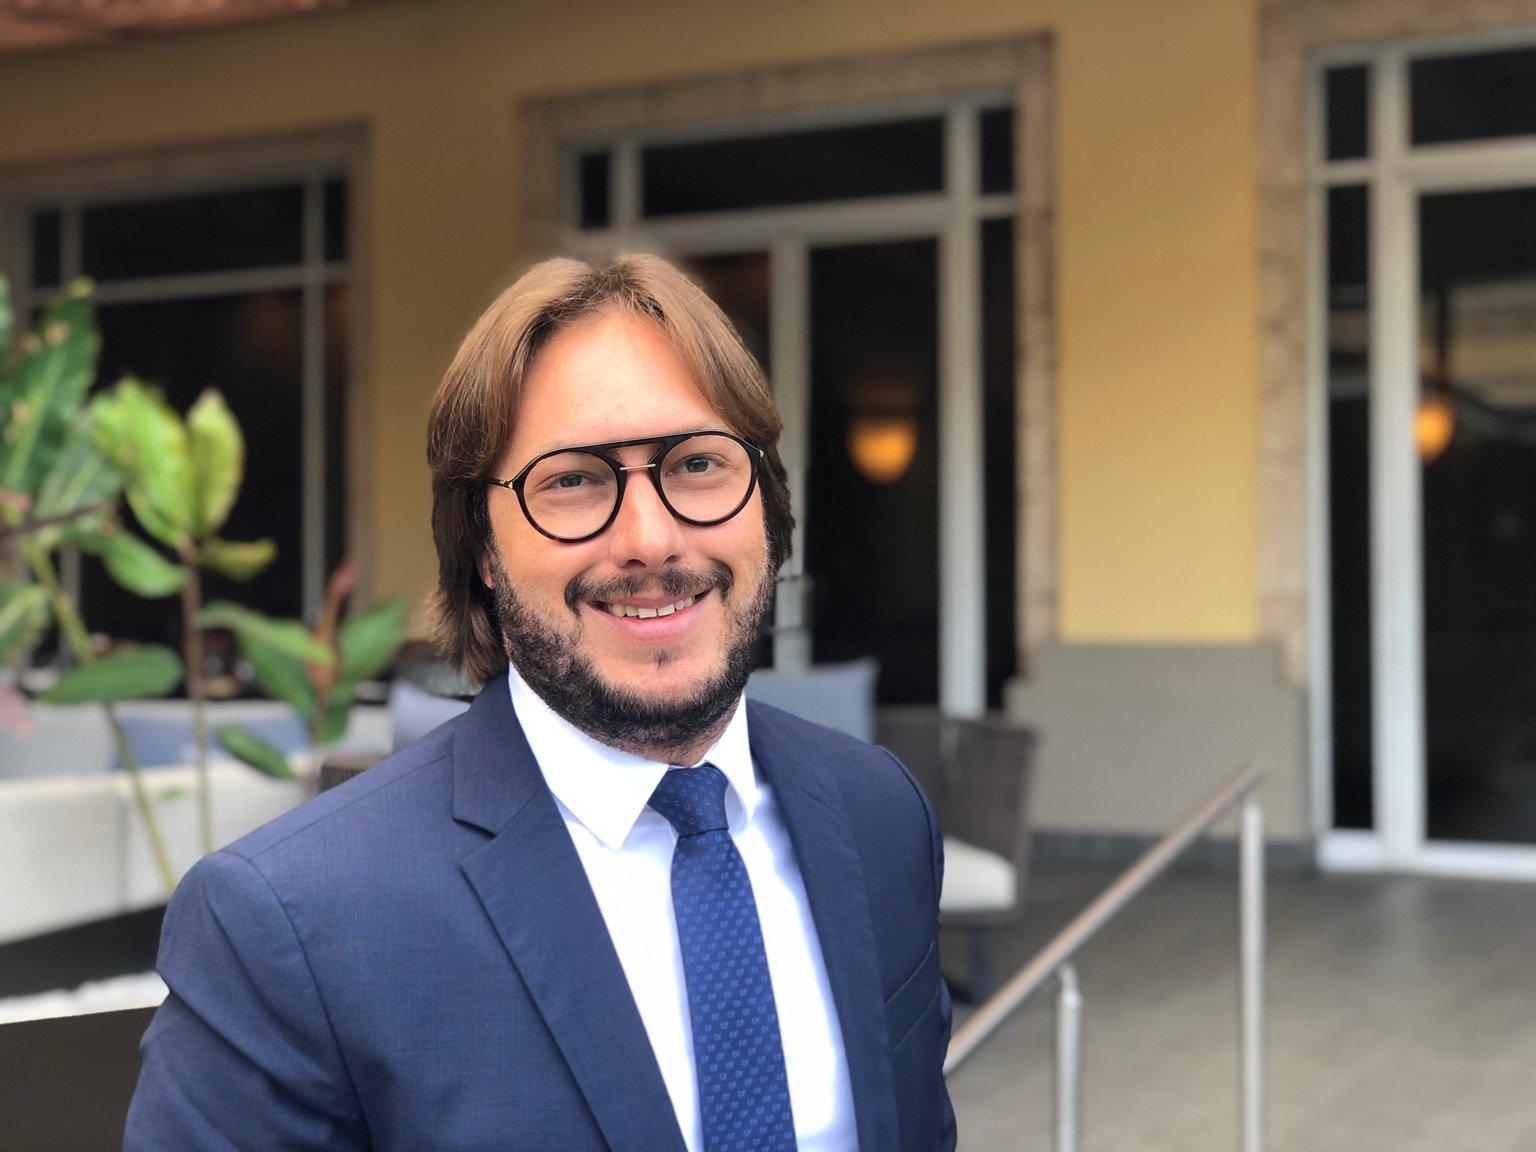 Andrea Baggio, CEO e Founder di ReputationUP, da anni è un esperto Reputation Manager